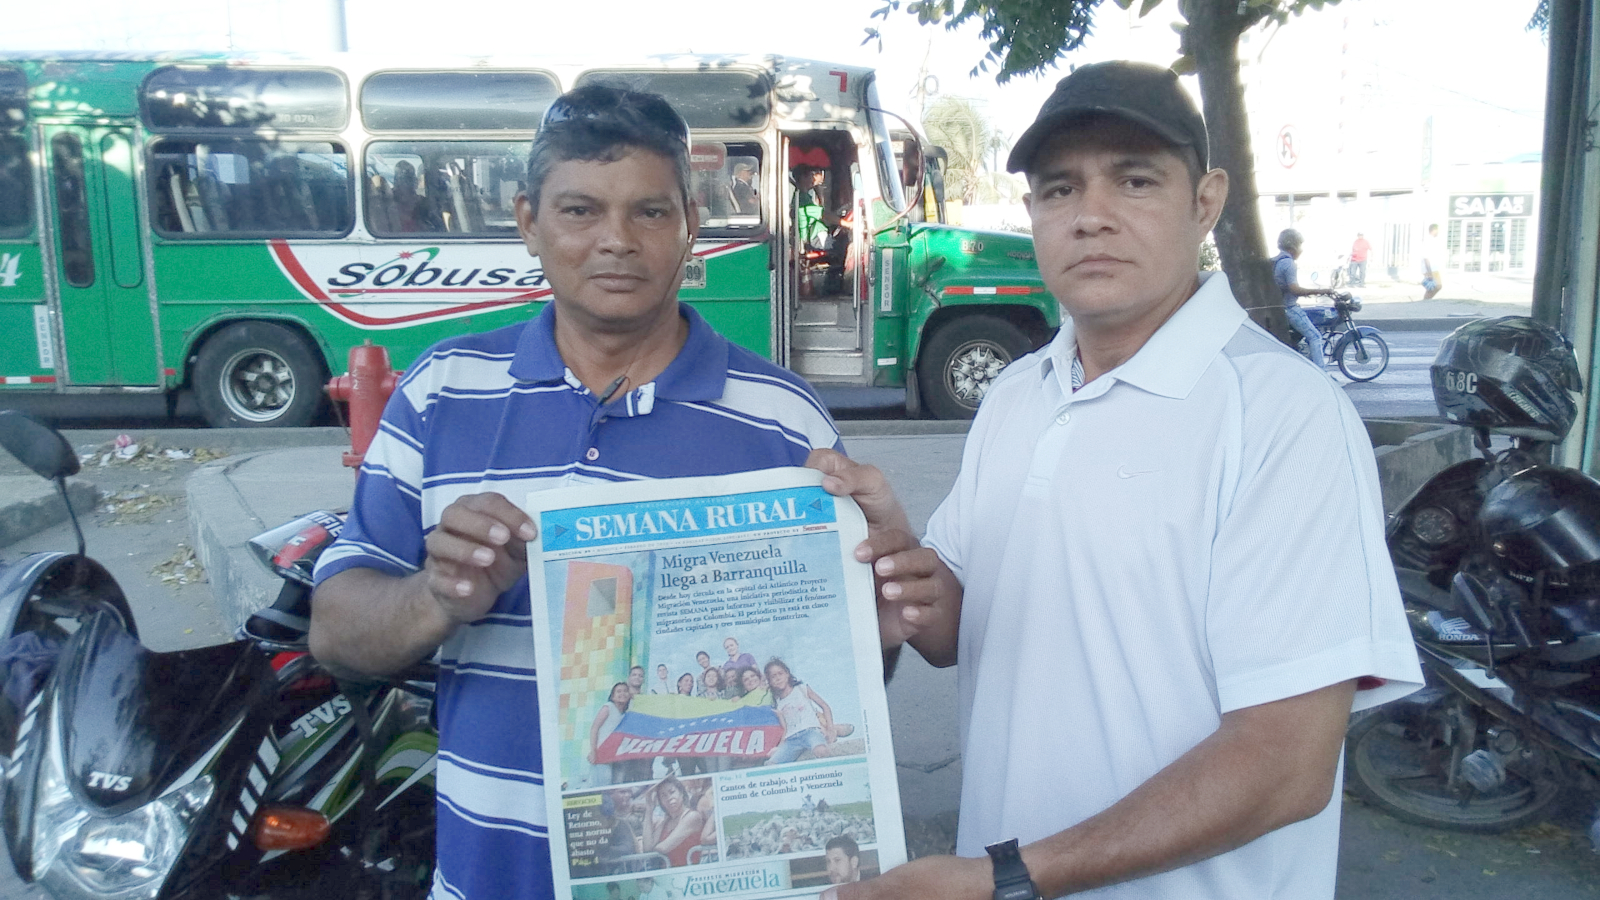 Periódico Migra Venezuela, ahora en las cinco ciudades con más migrantes